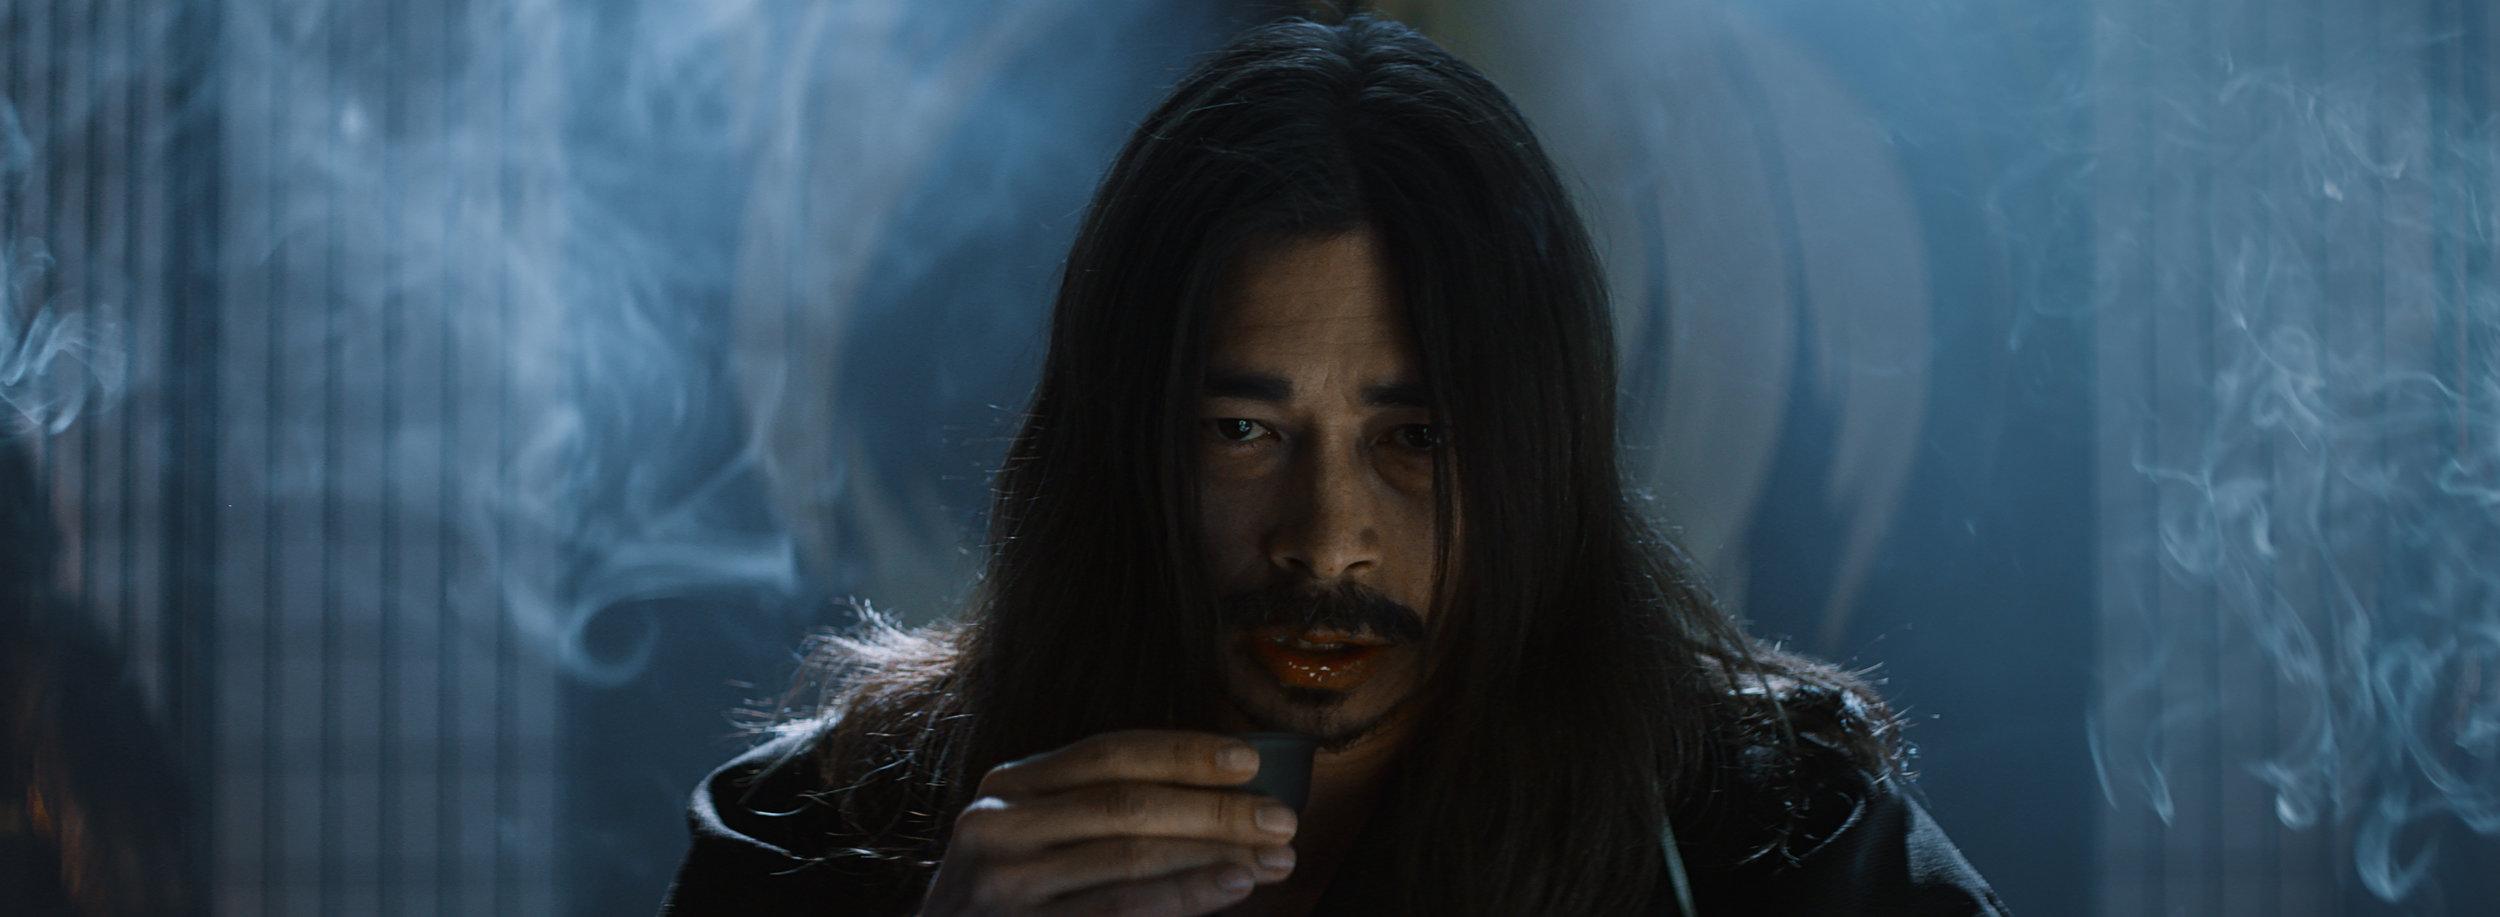 MAD LORD Samurai of 1000 Deaths - Still079.jpg